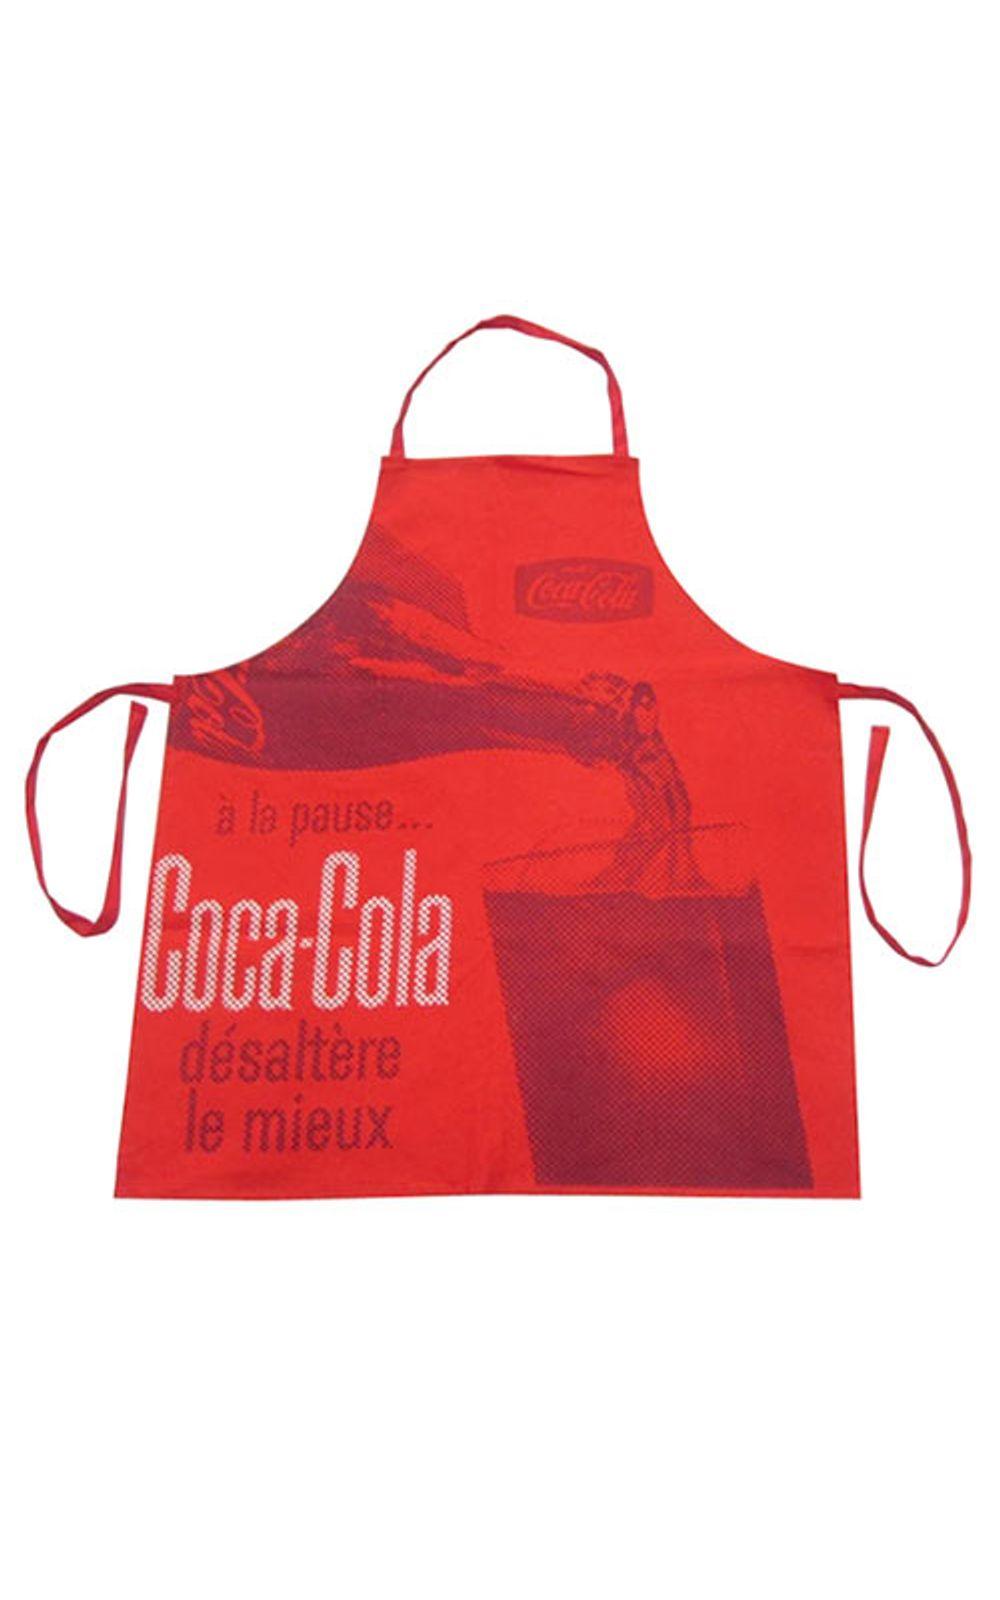 Foto 1 - Avental de Cozinha Coca Cola Servindo Vermelho Vintage